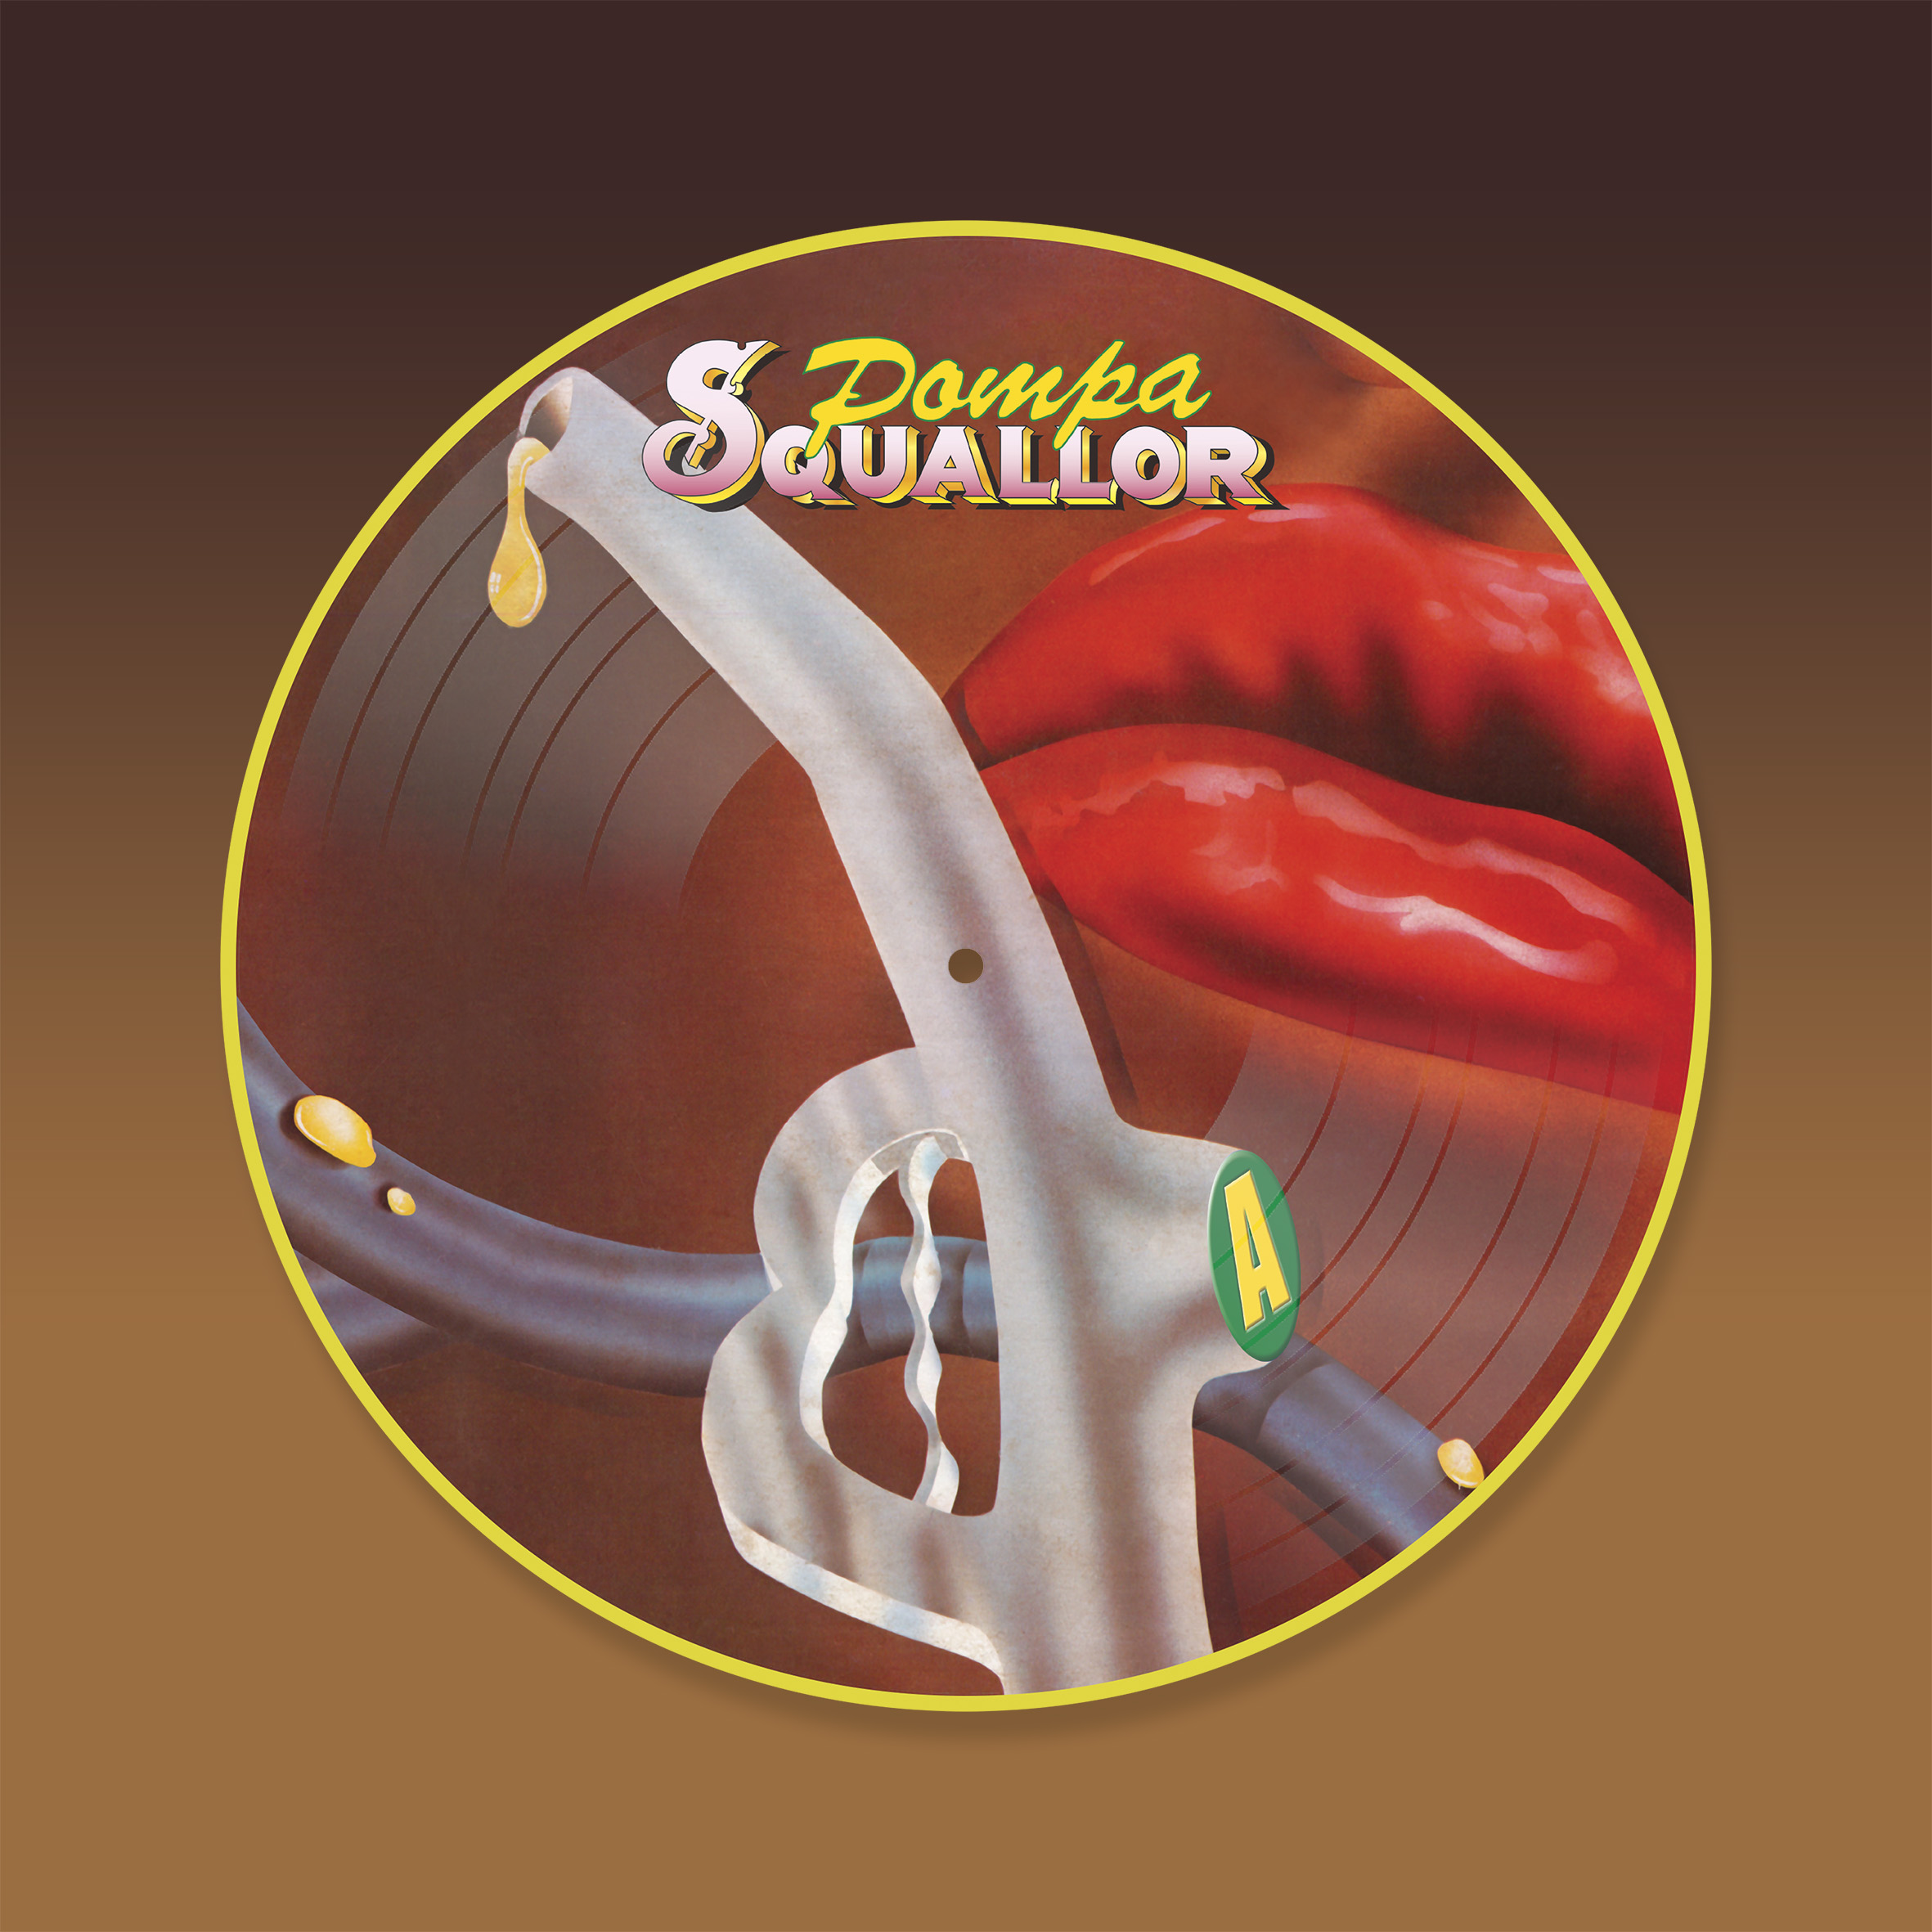 Squallor in edizione speciale per il Record Store Day 2020